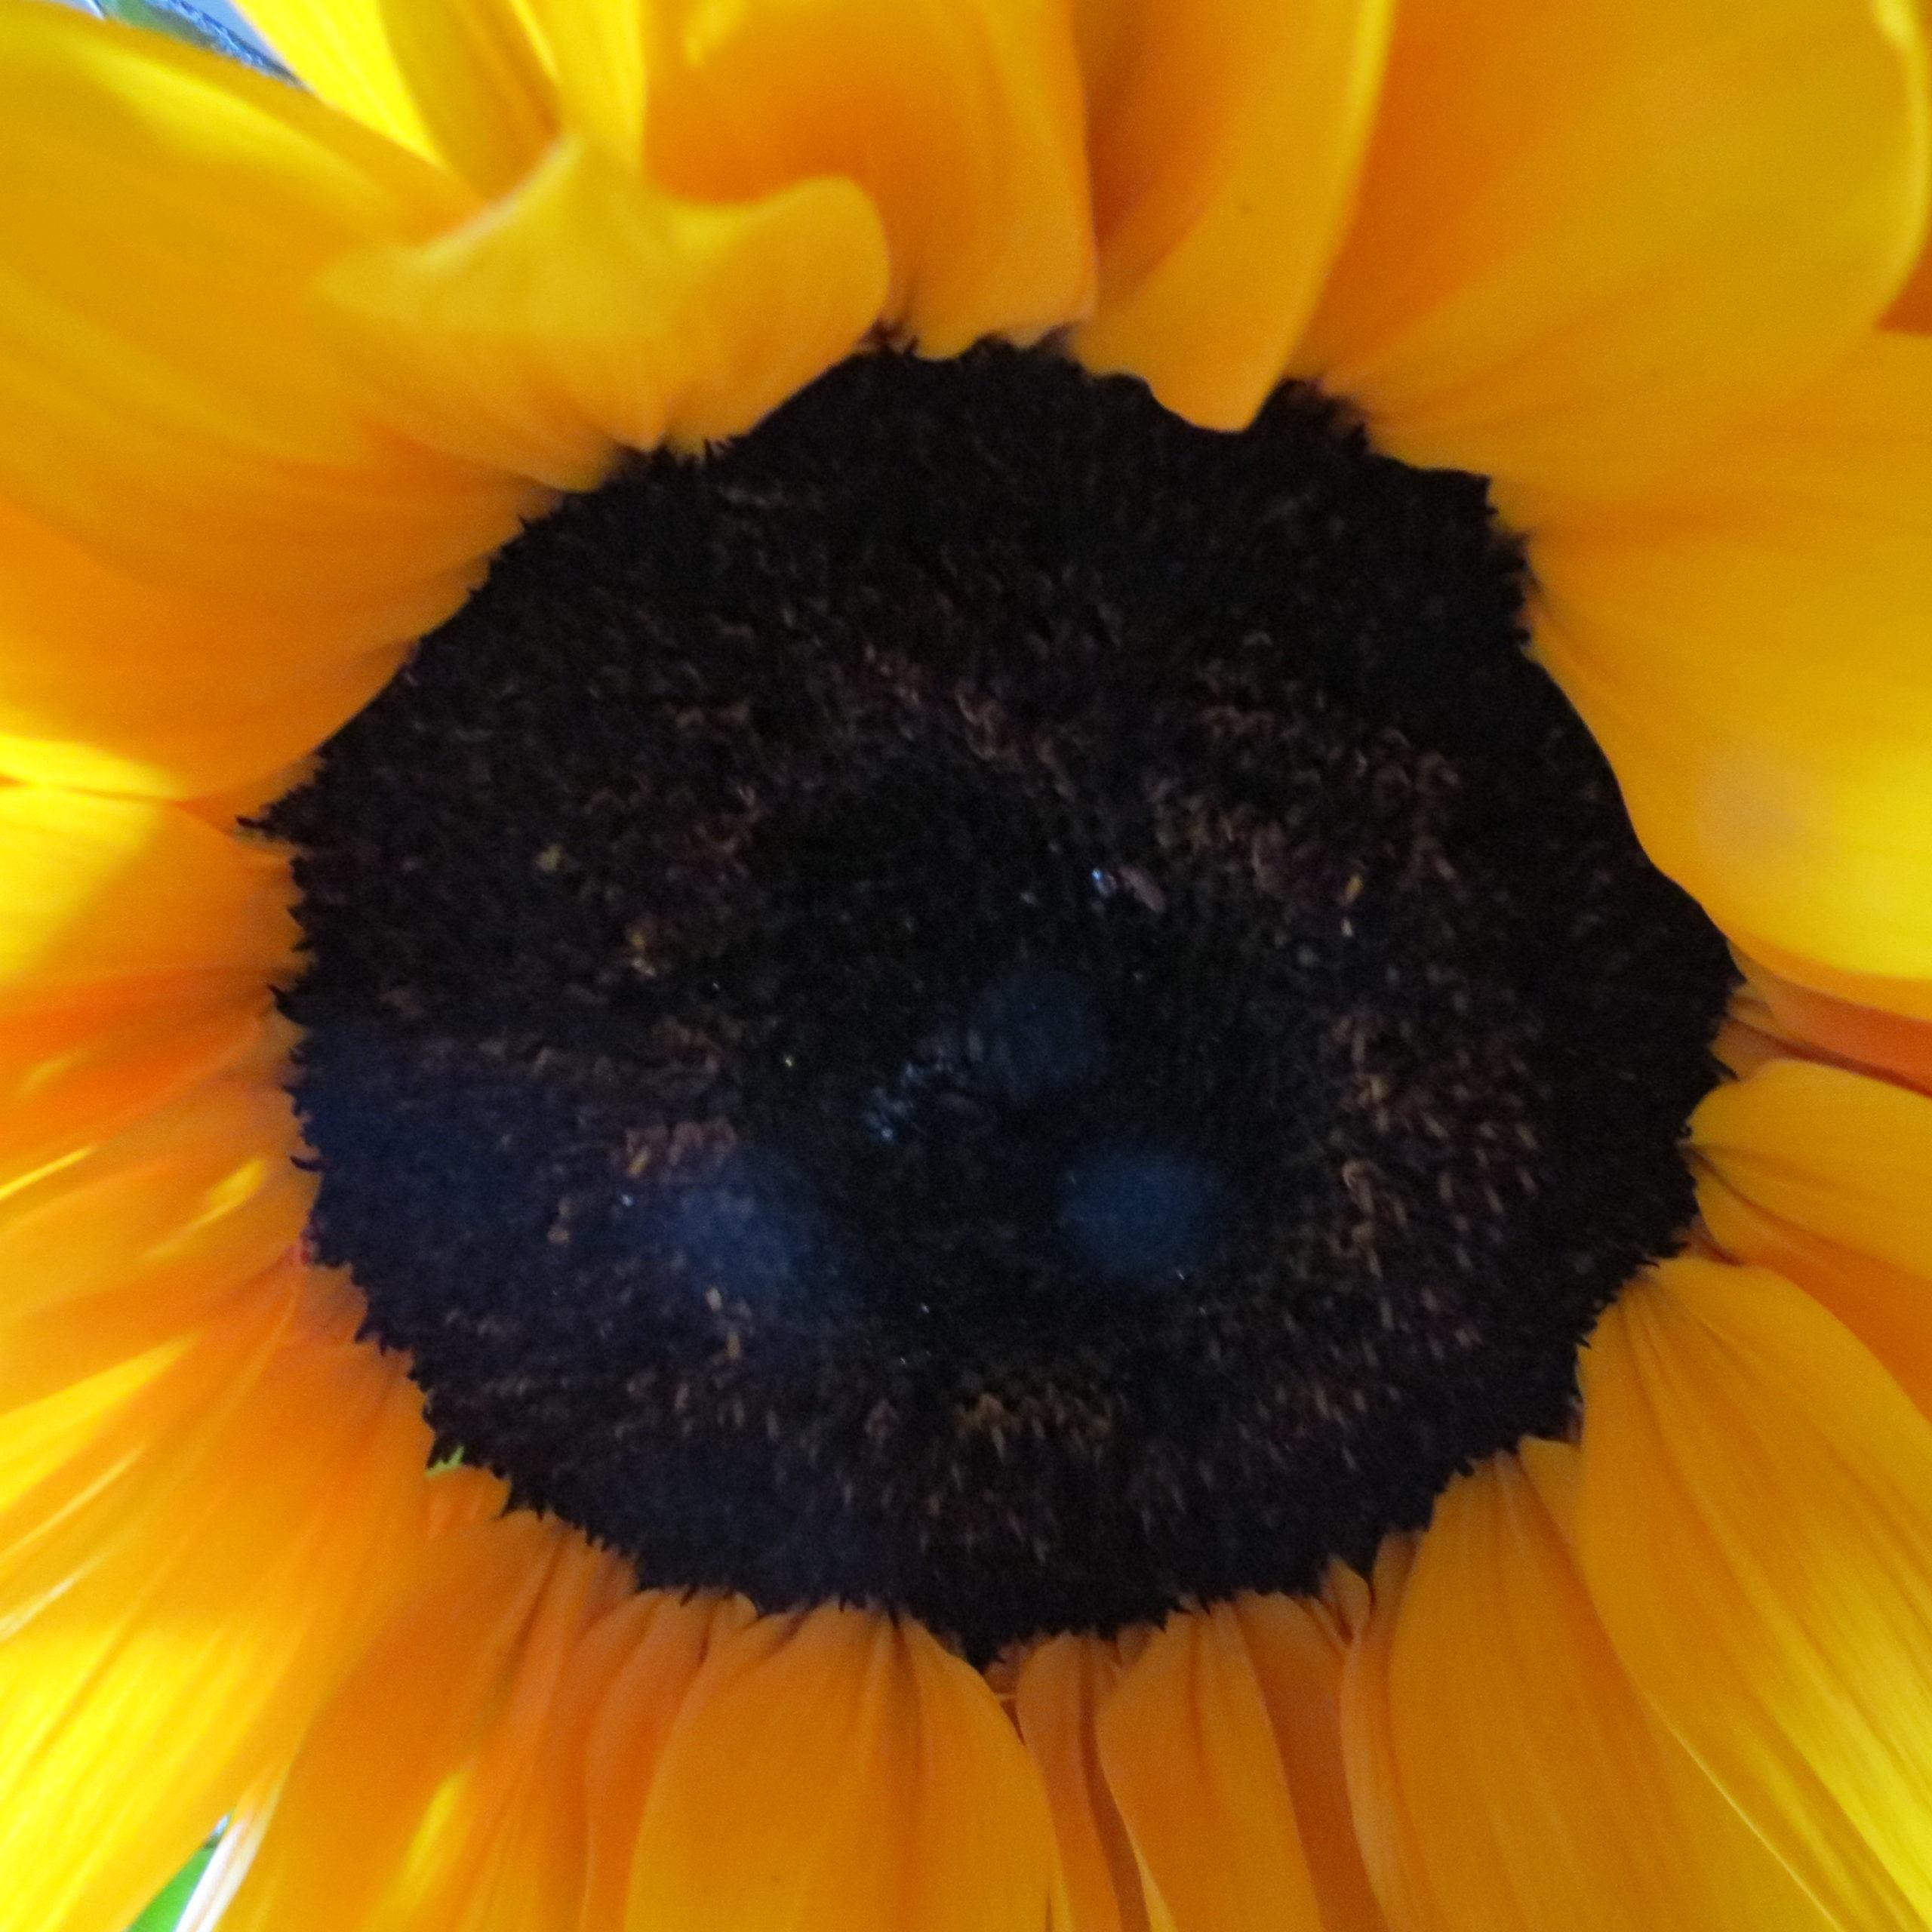 sunflower by Piper Allen